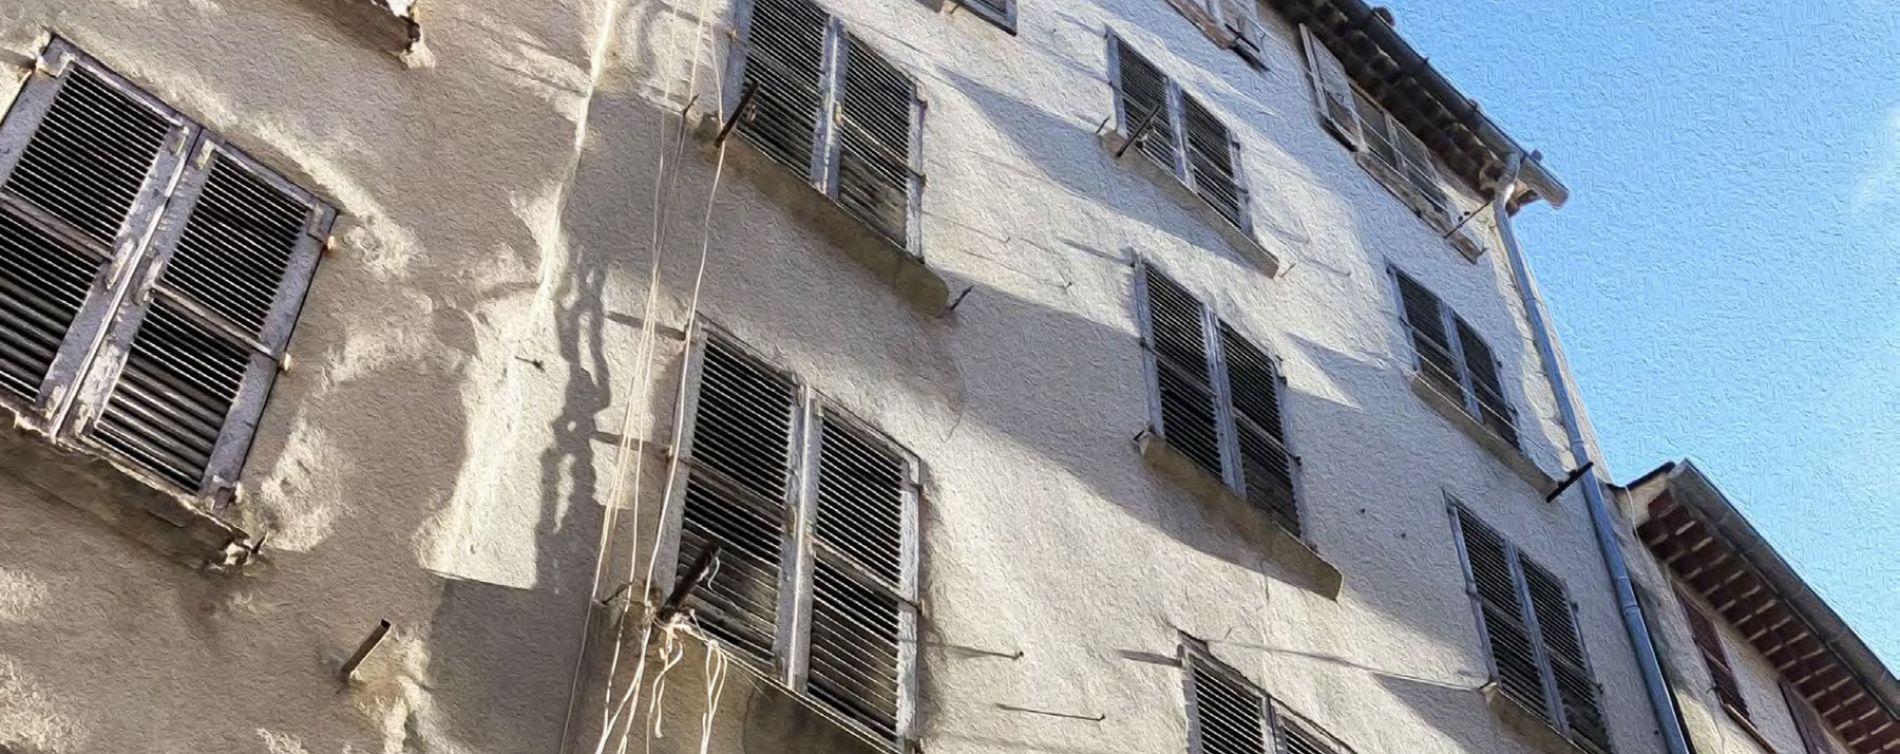 Résidence 12 Rue des Boucheries à Toulon